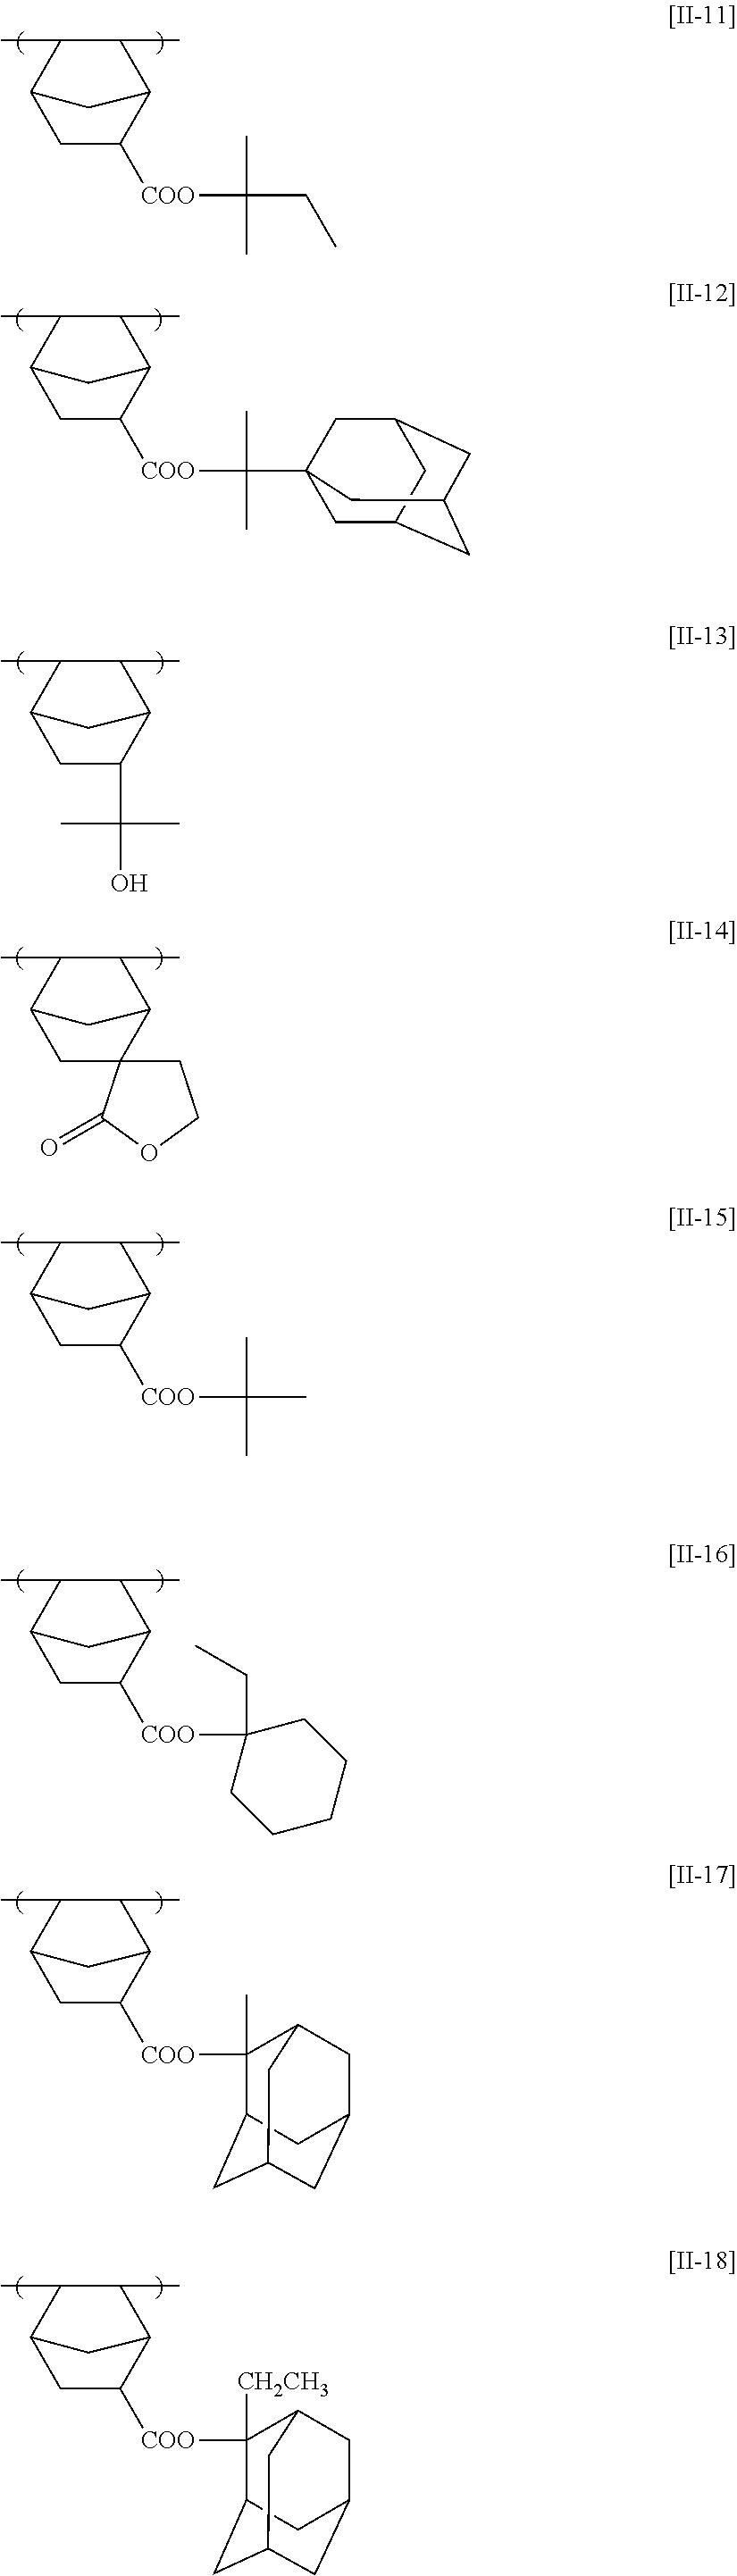 Figure US08071272-20111206-C00011